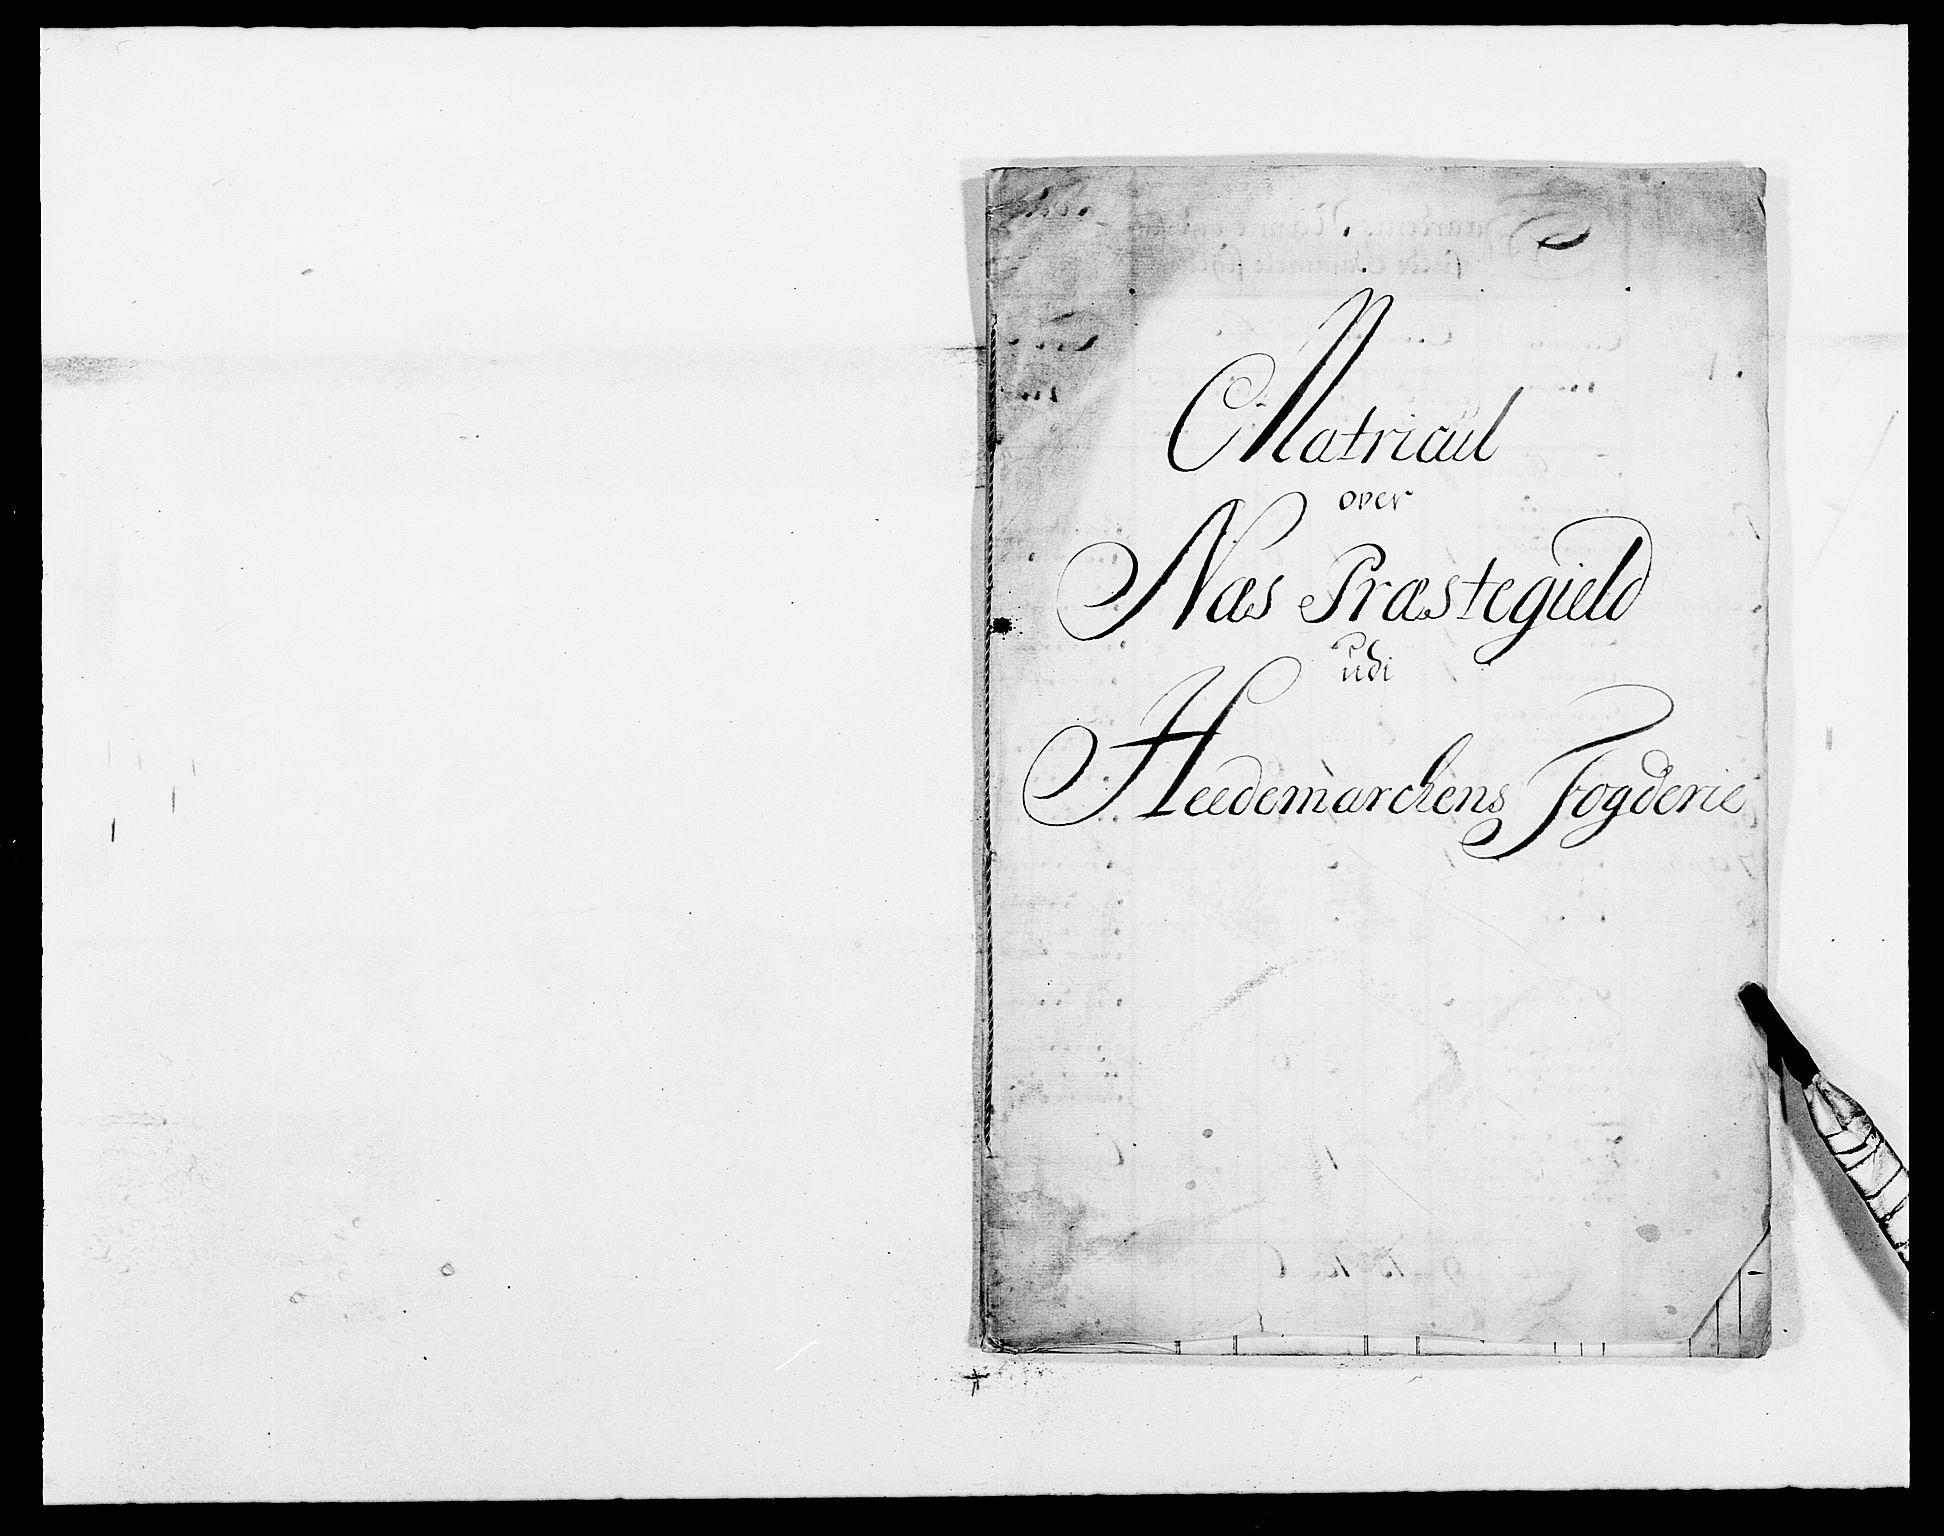 RA, Rentekammeret inntil 1814, Reviderte regnskaper, Fogderegnskap, R16/L1019: Fogderegnskap Hedmark, 1679, s. 85